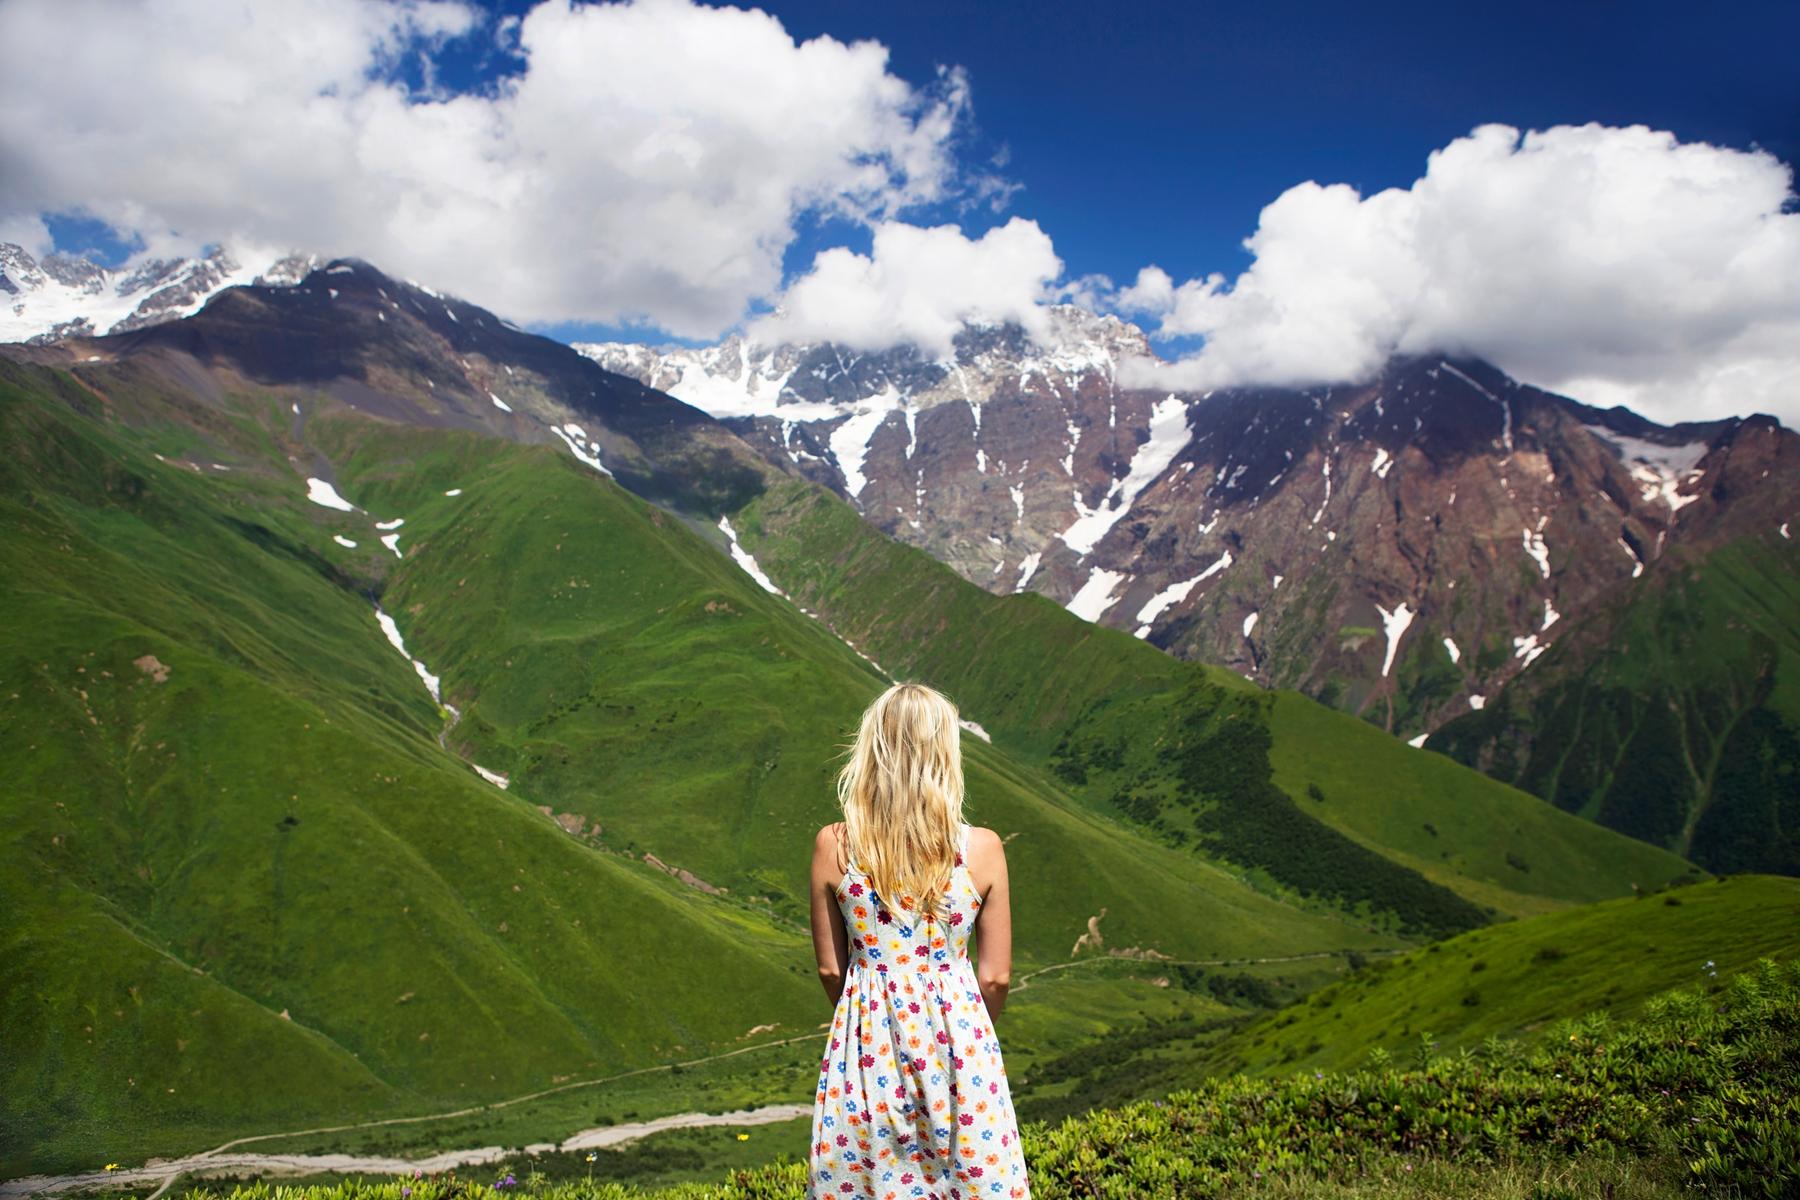 Девушка в летнем платье на фоне восхитительных грузинских гор